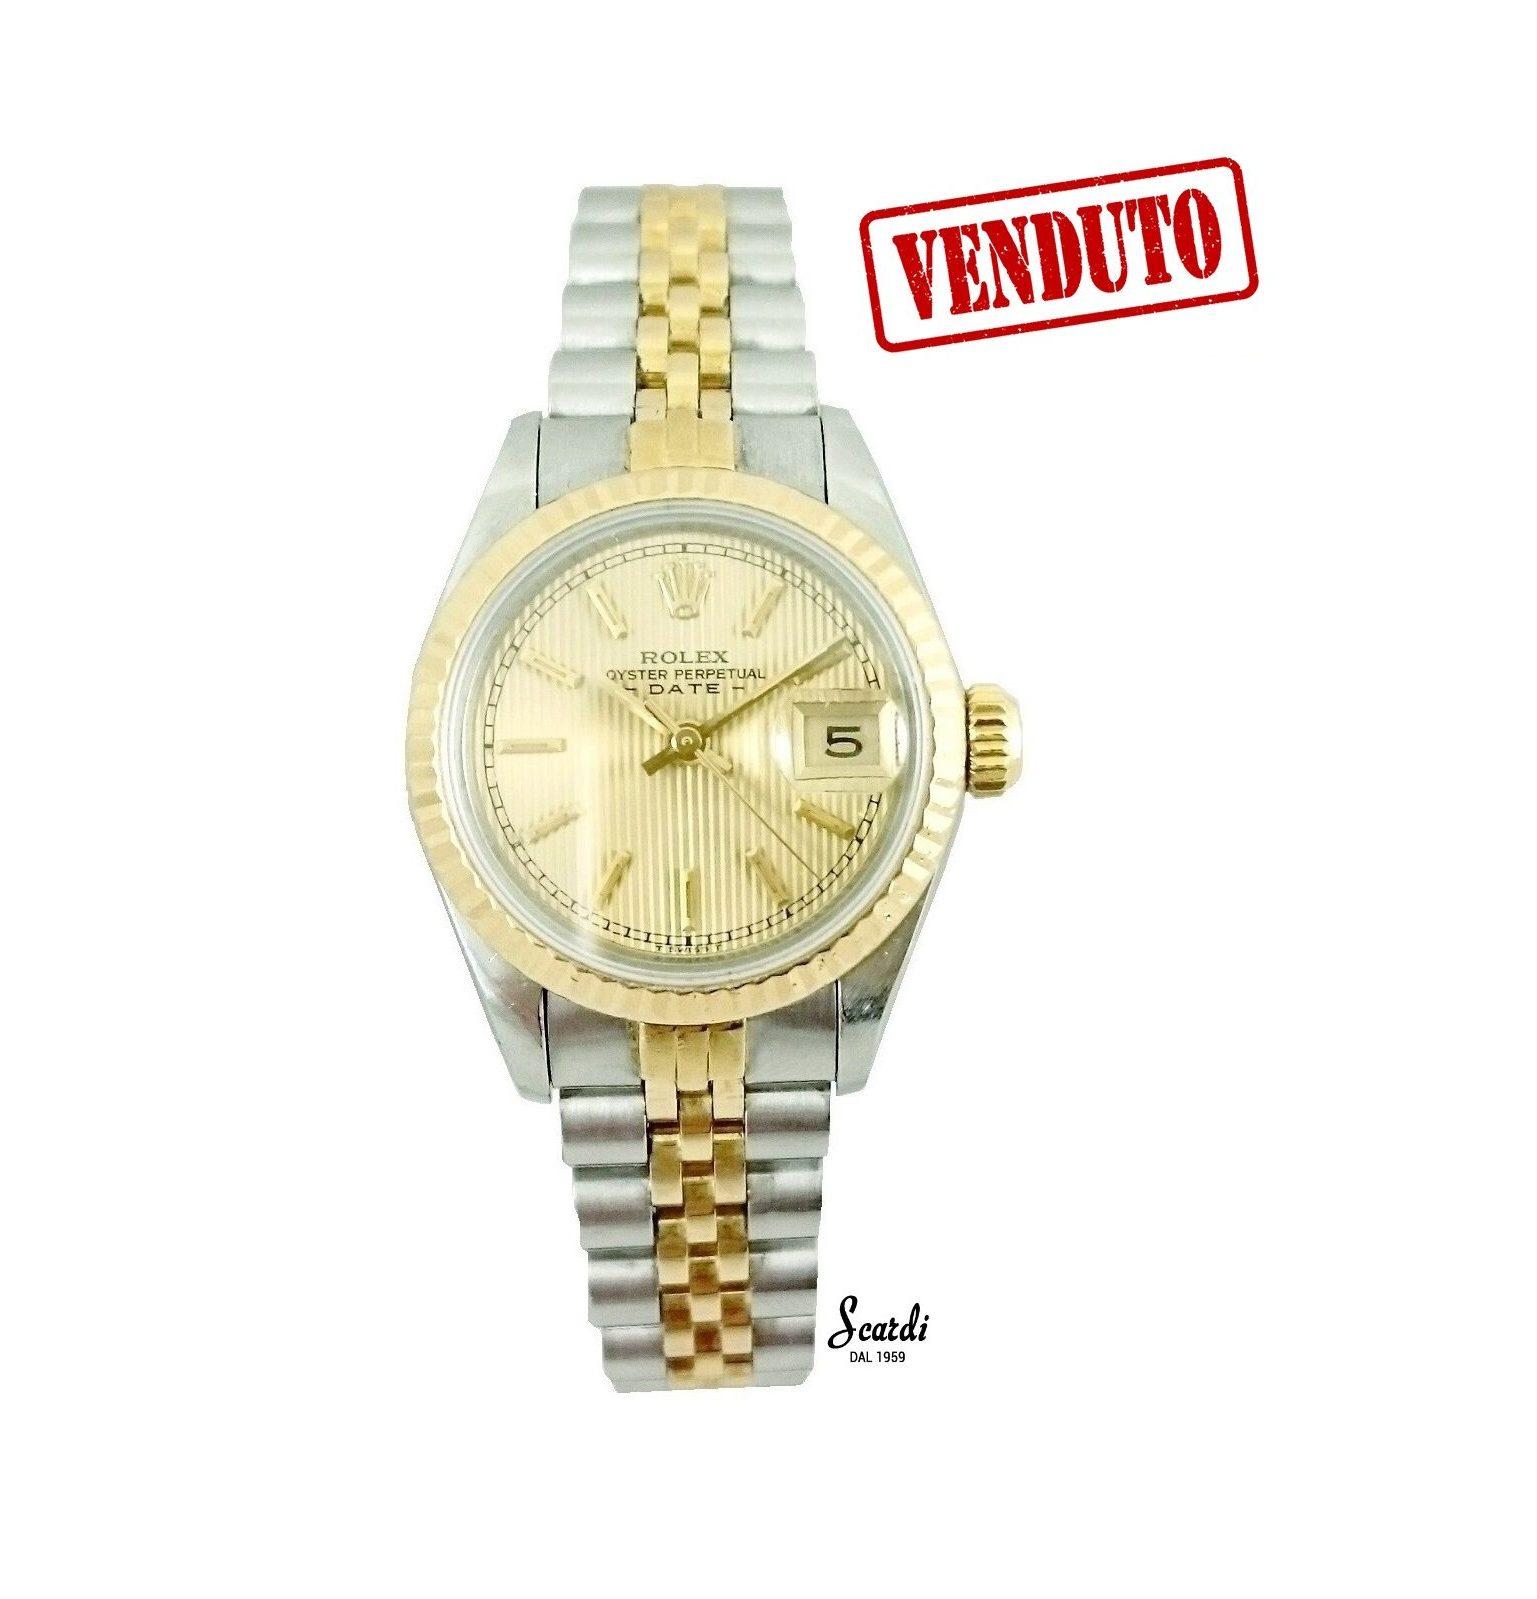 Illinois orologio da tasca numero di serie dating